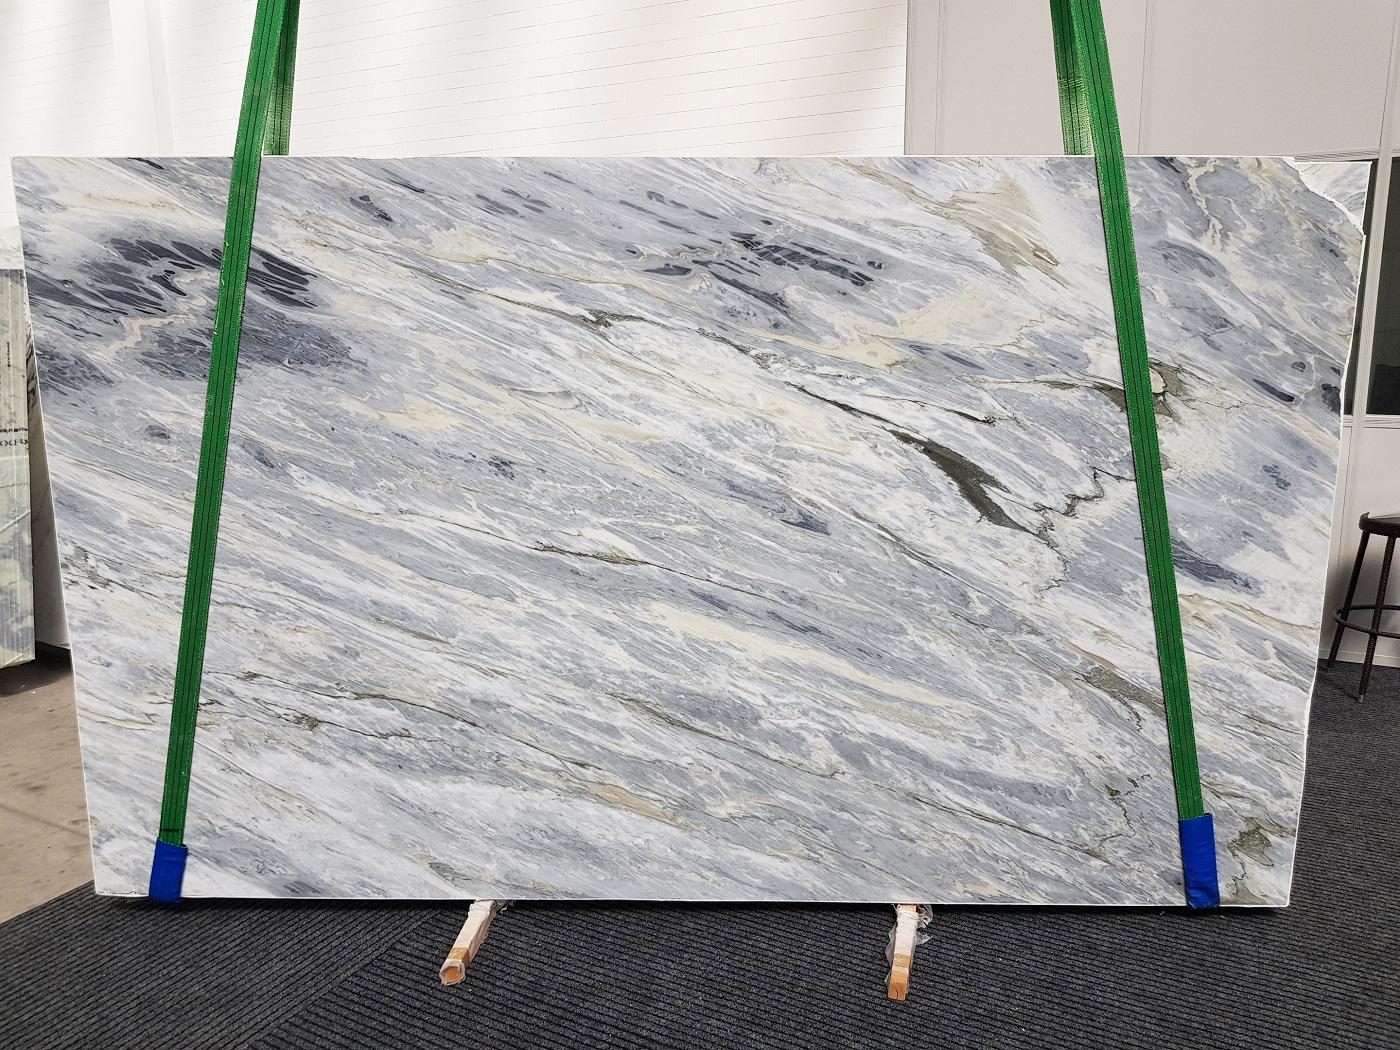 Manhattan Grey Suministro Verona (Italia) de planchas pulidas en mármol natural 1207 , Bund #7-49